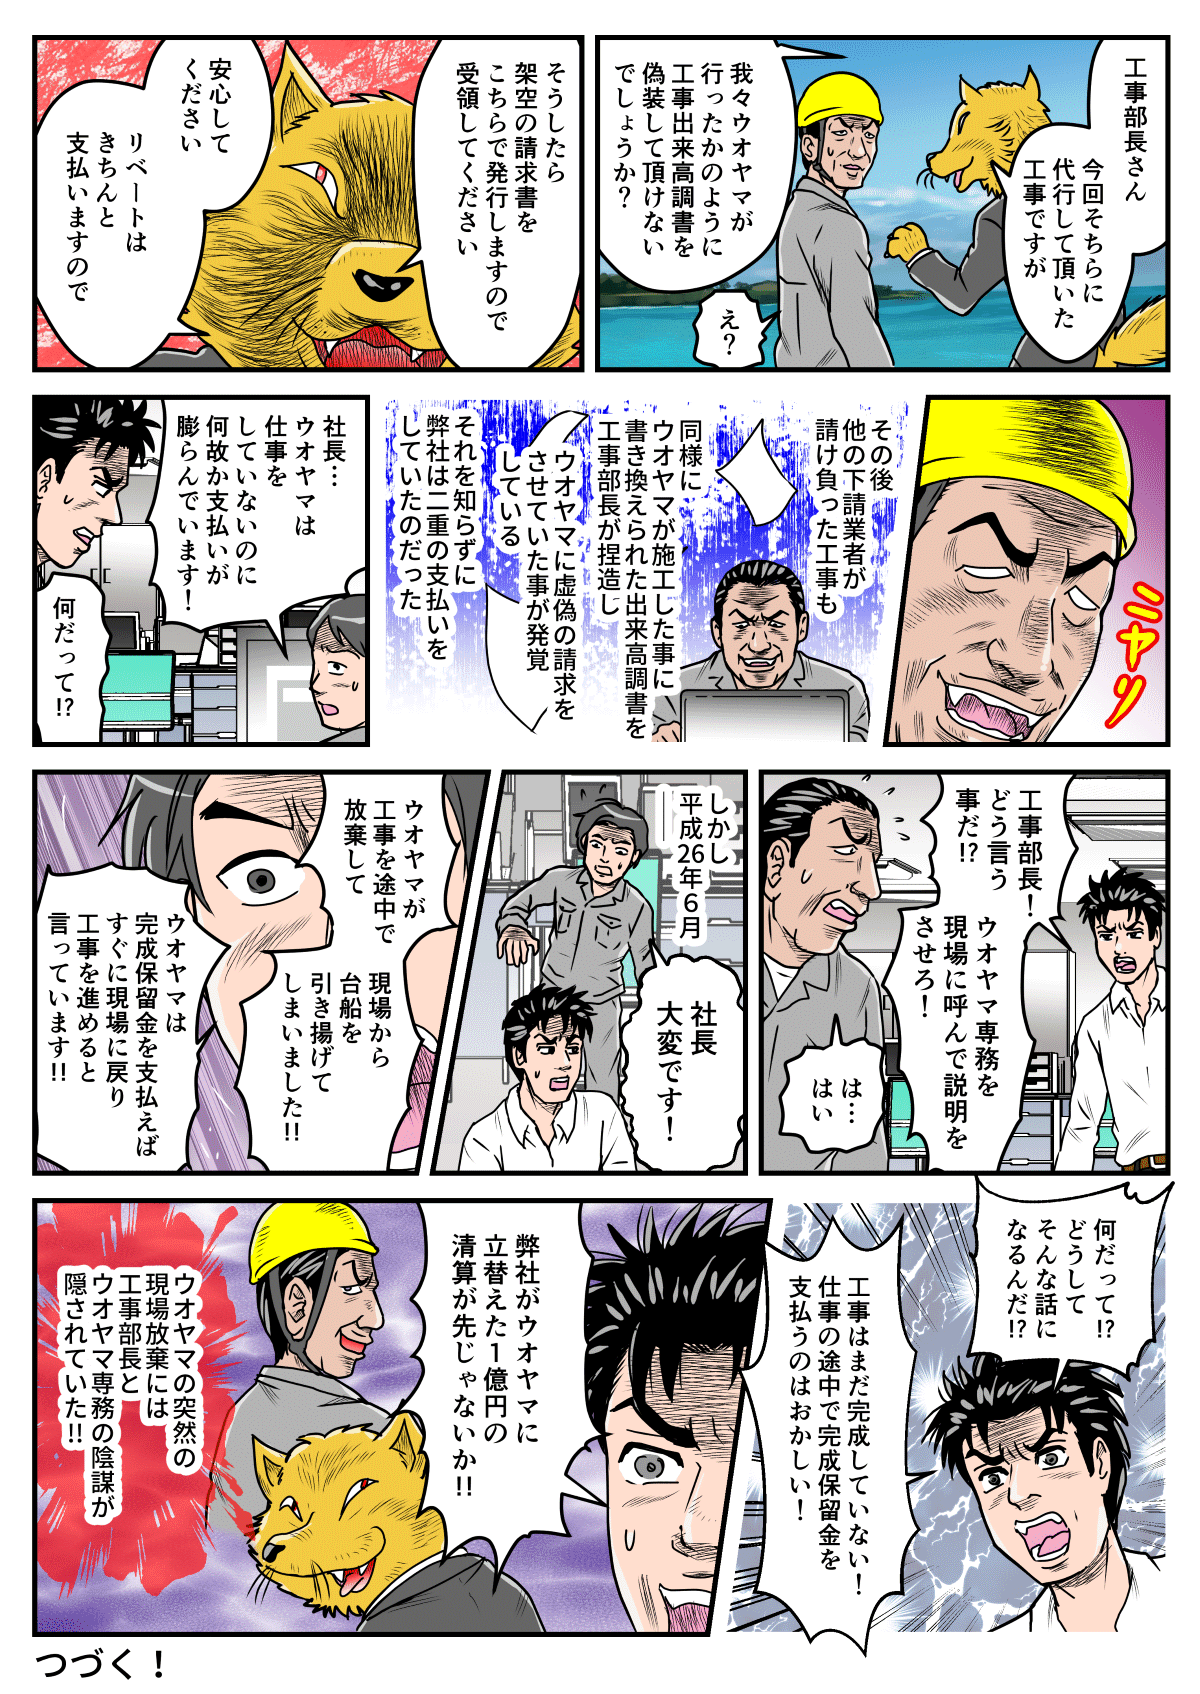 uoyama01_03